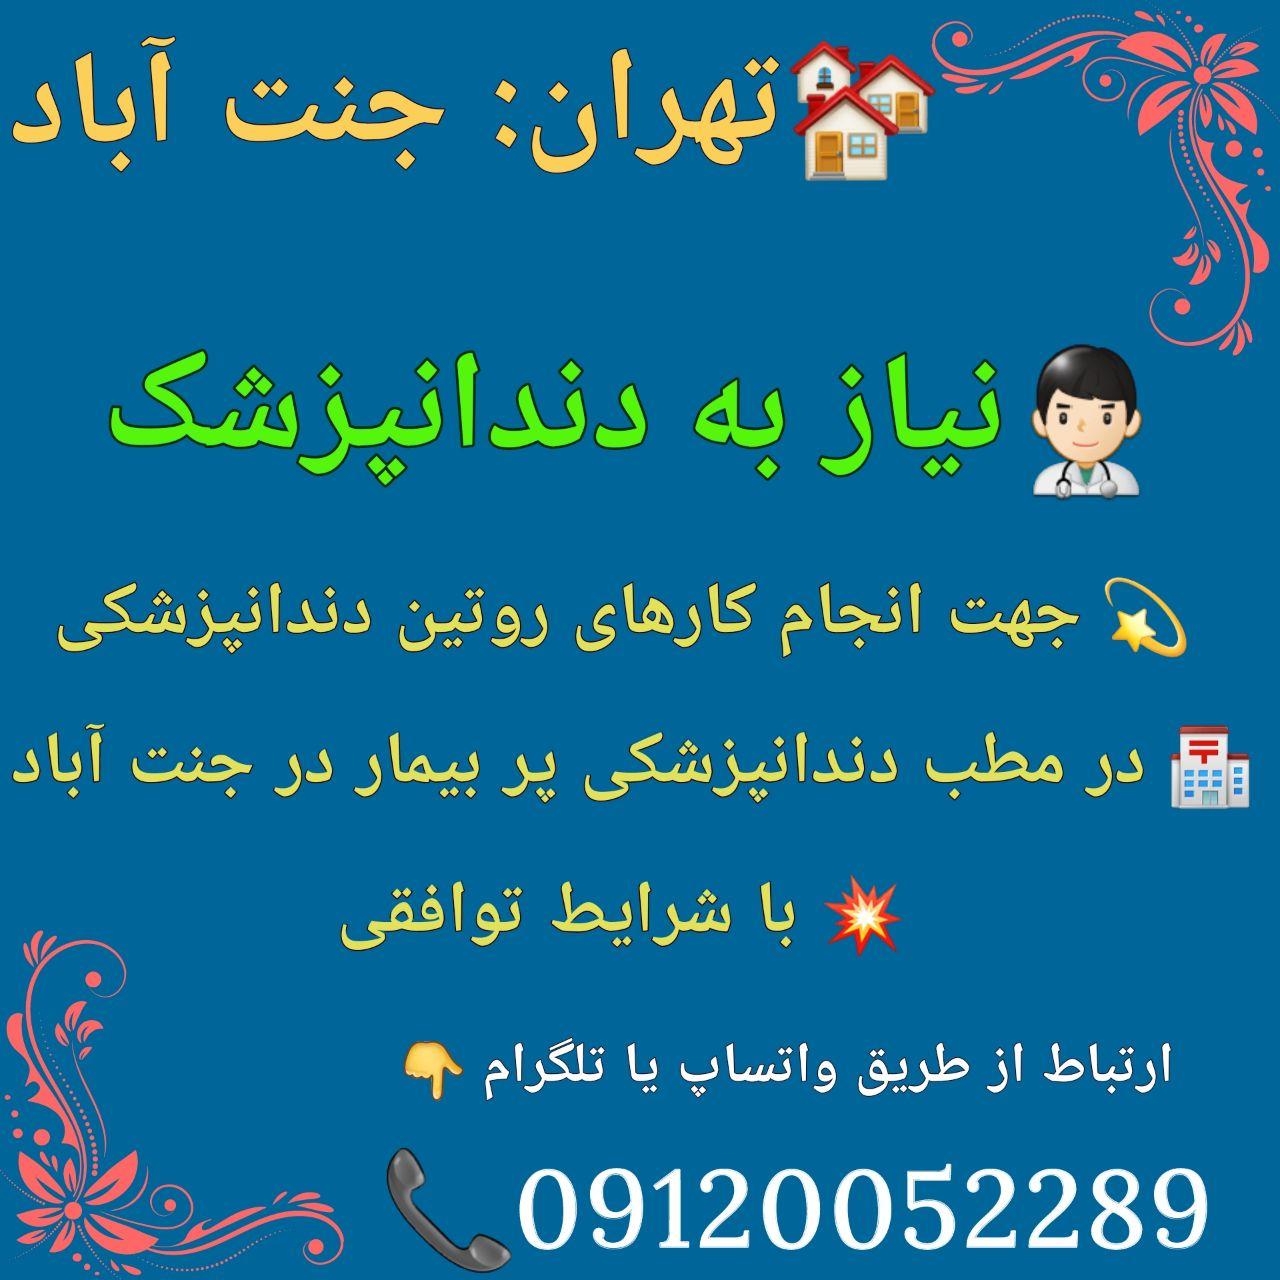 تهران: جنت آباد، نیاز به دندانپزشک